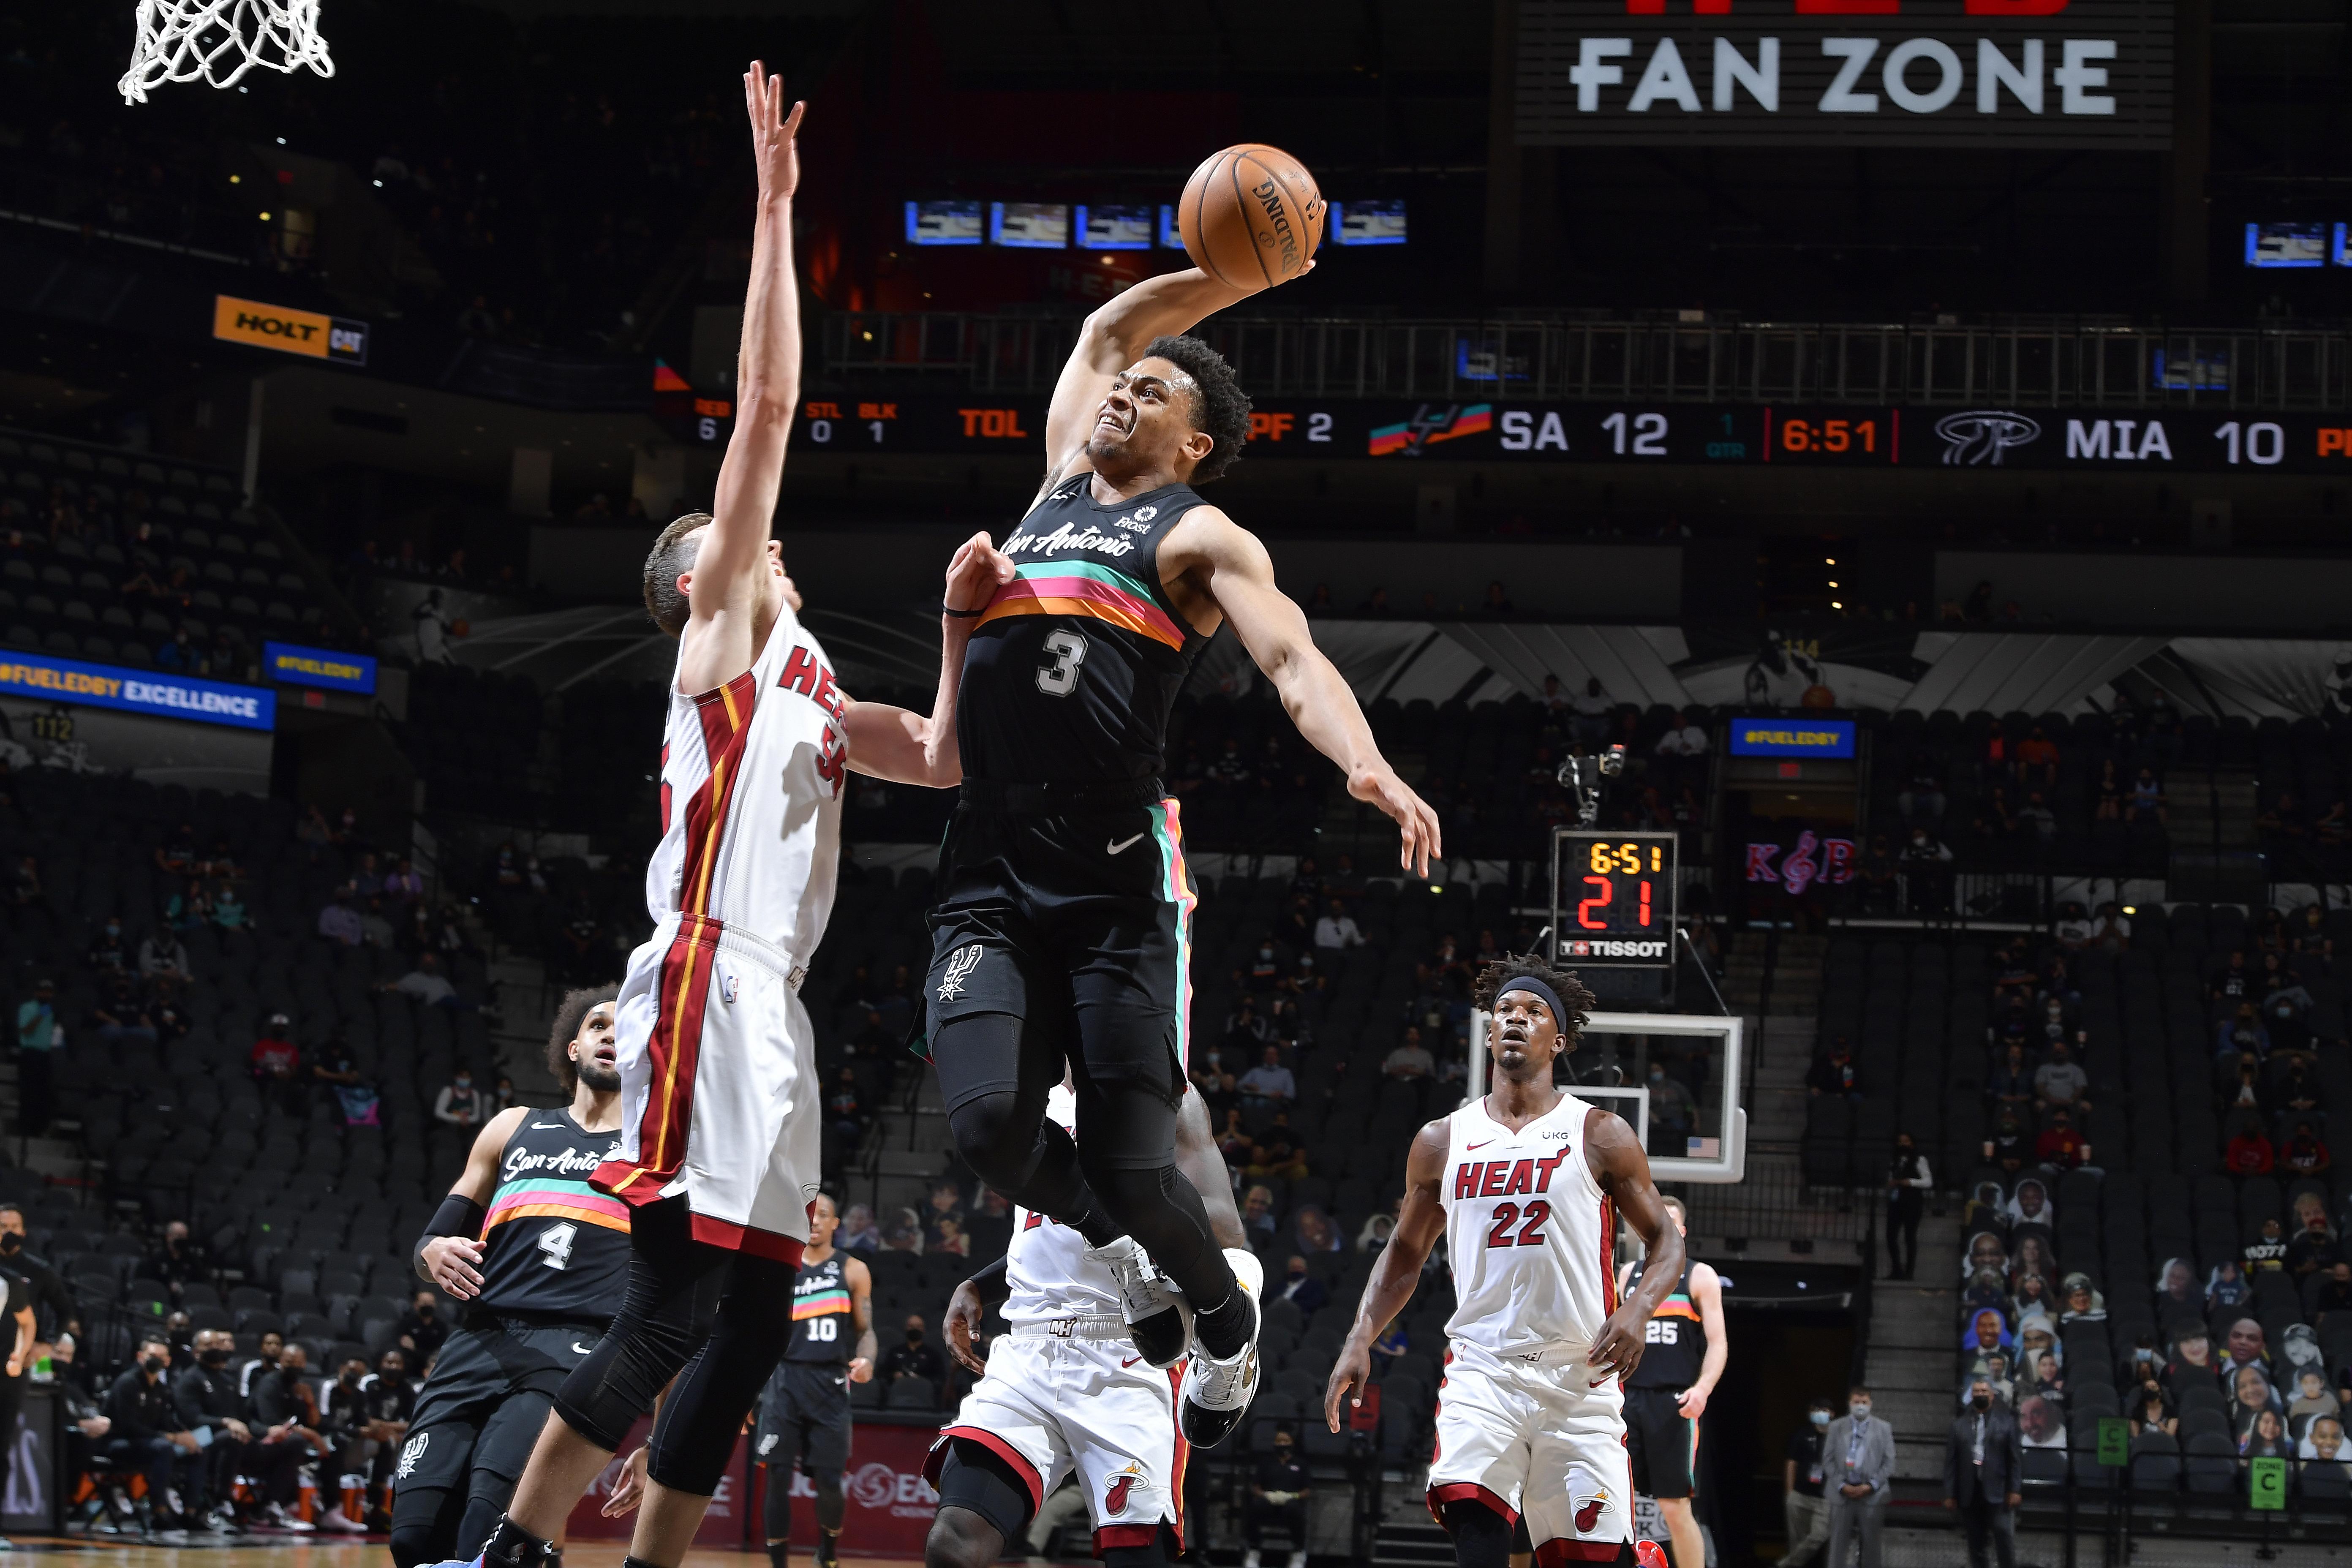 Miami Heat v San Antonio Spurs